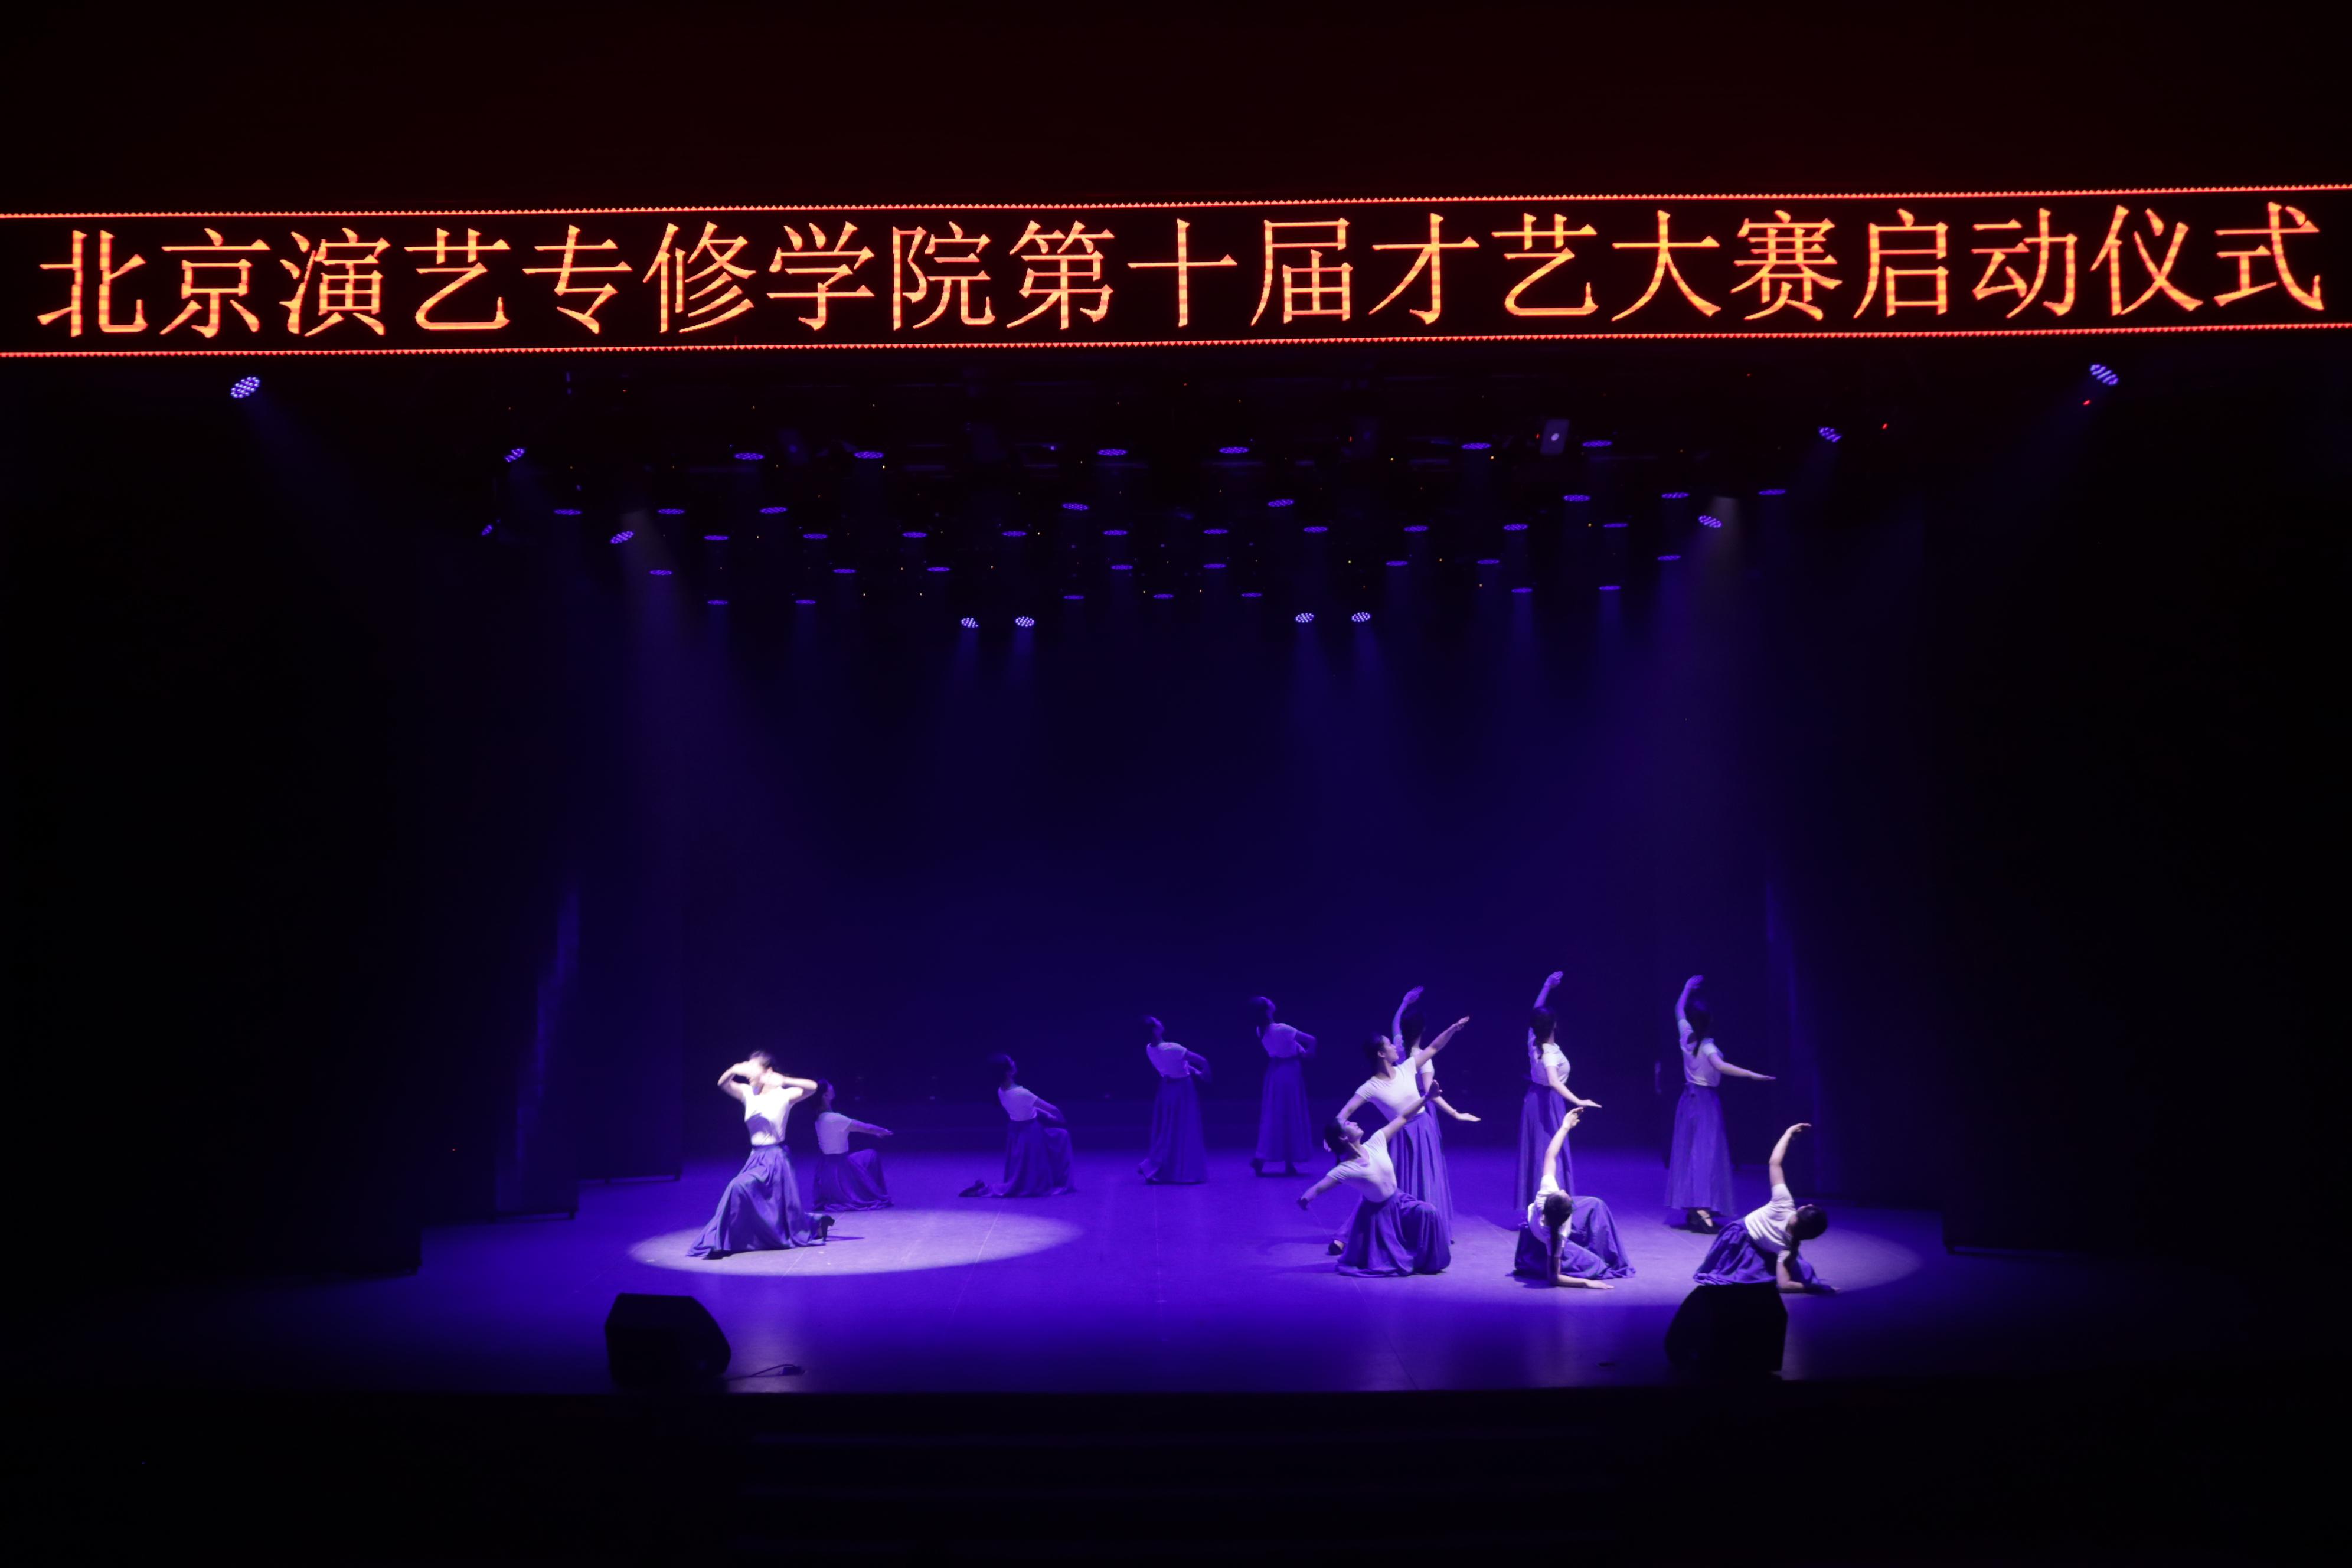 北京演艺专修学院第十届才艺大赛启动仪式在北演剧场正式启动